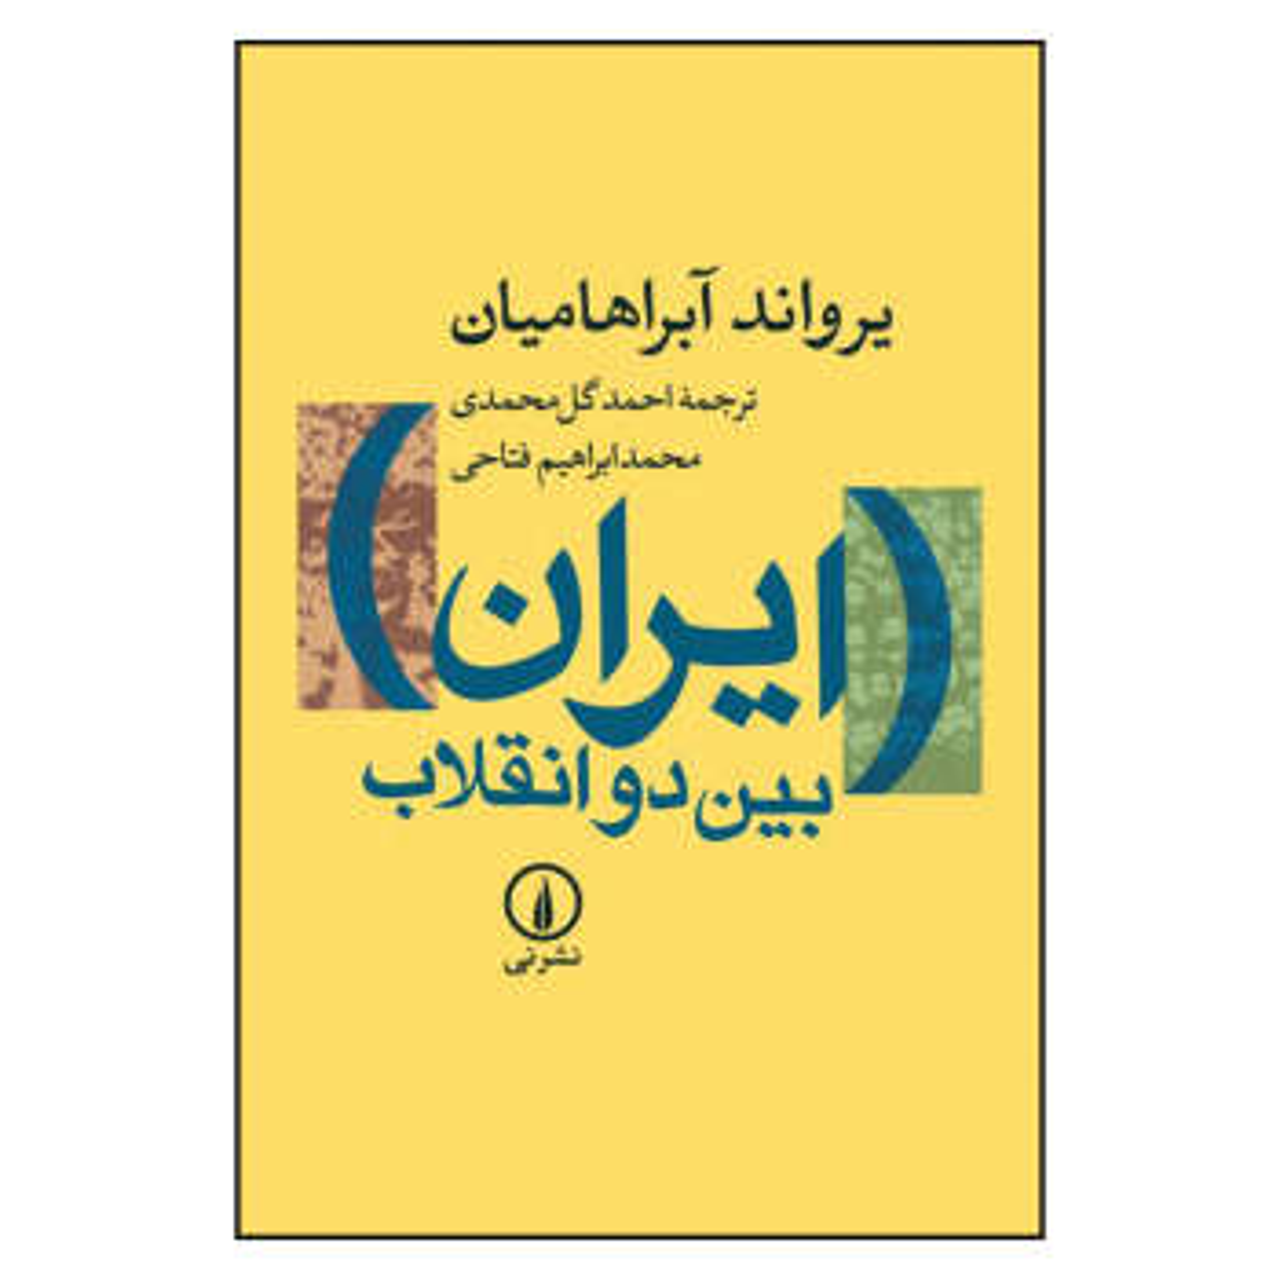 کتاب ایران بین دو انقلاب اثر یرواند آبراهامیان نشر نی